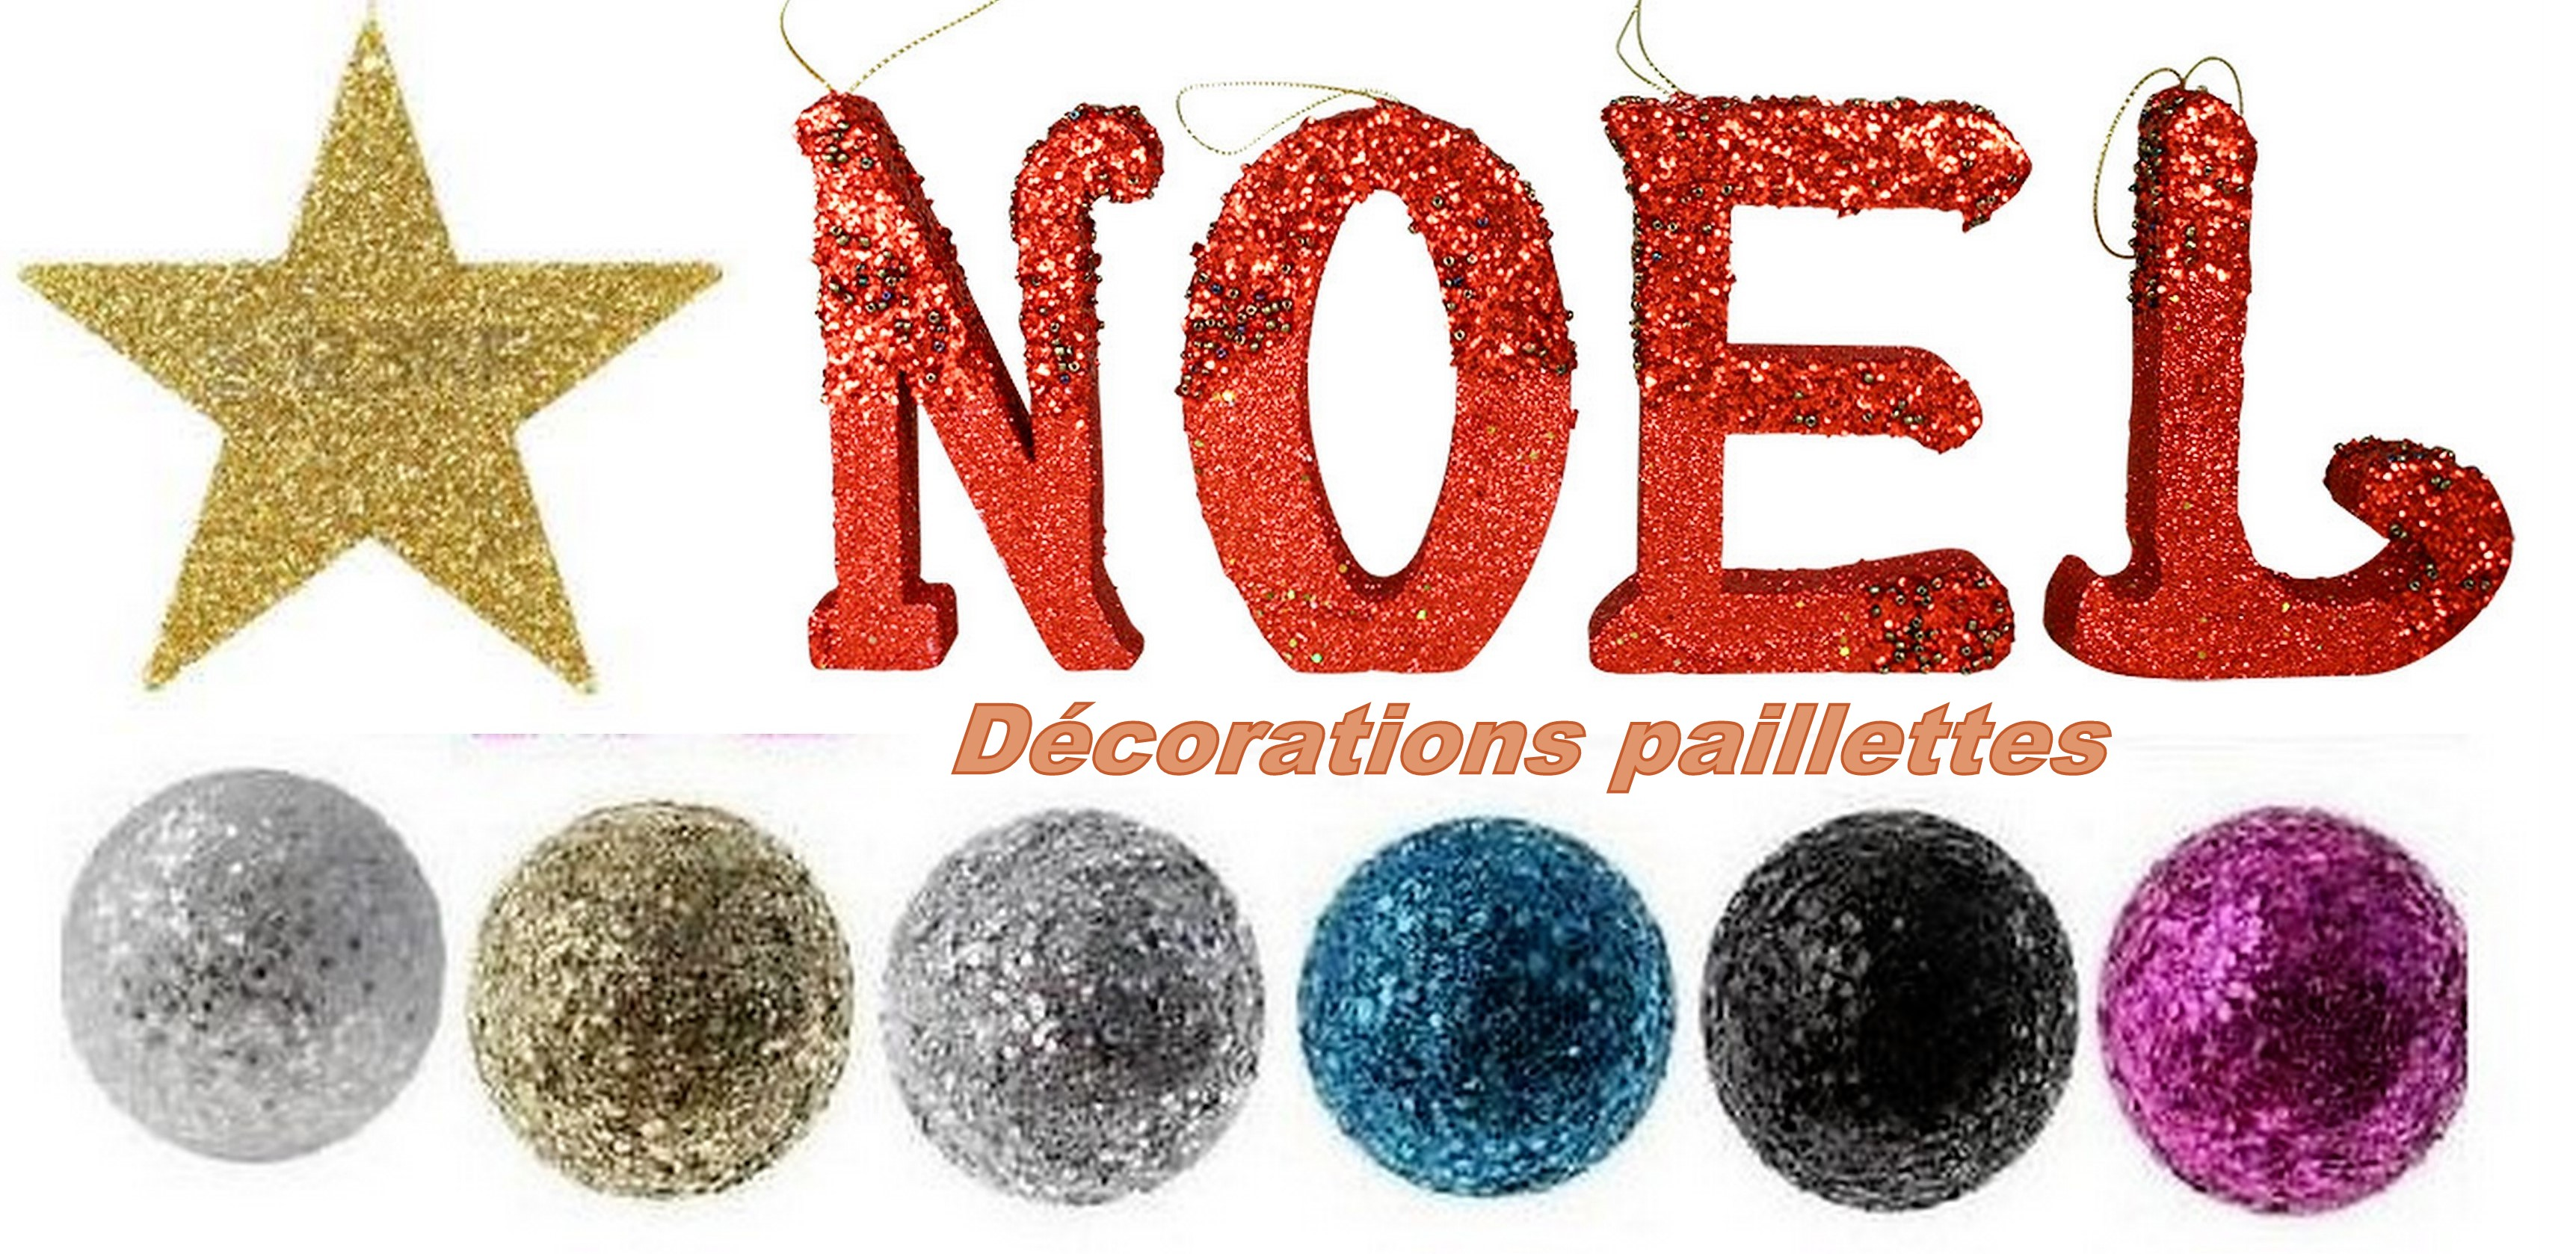 Faire des d corations de no l paillettes - Faire des decorations de noel ...